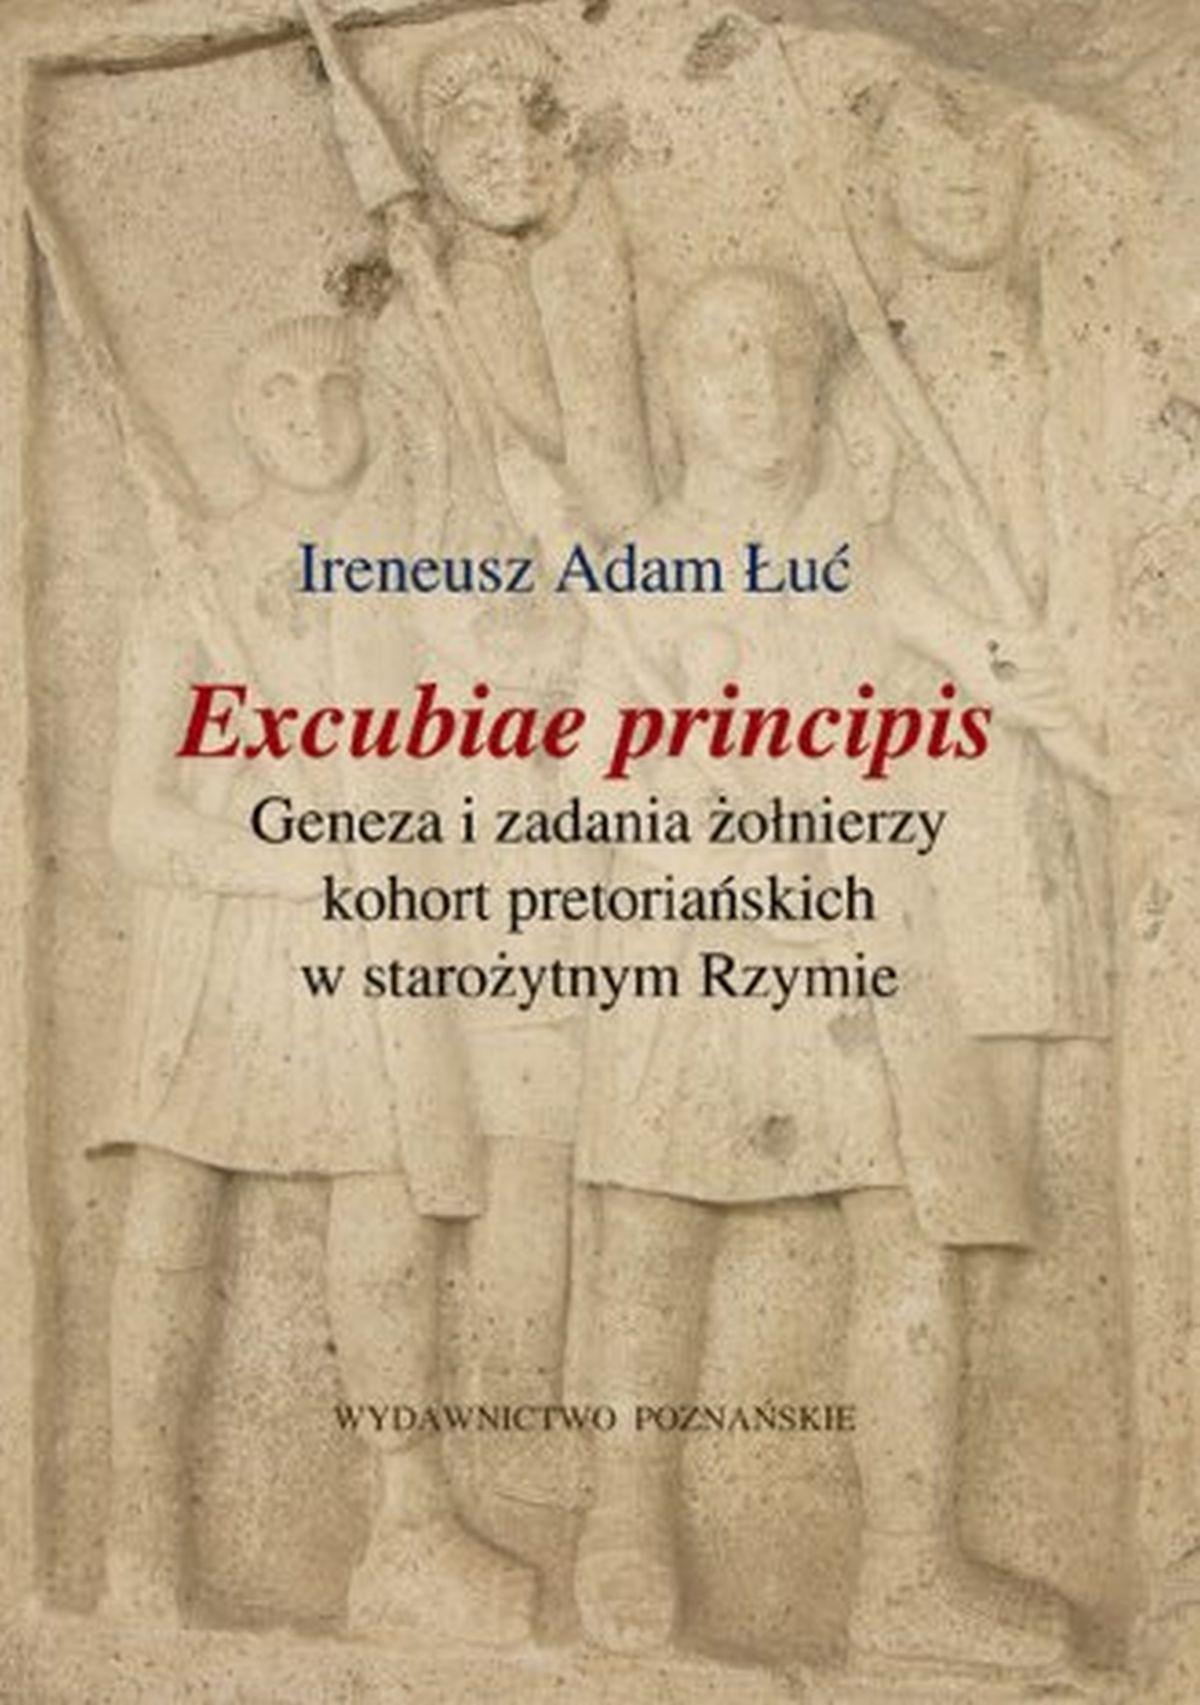 Excubiae principis. Geneza i zadania żołnierzy kohort pretoriańskich w starożytnym Rzymie